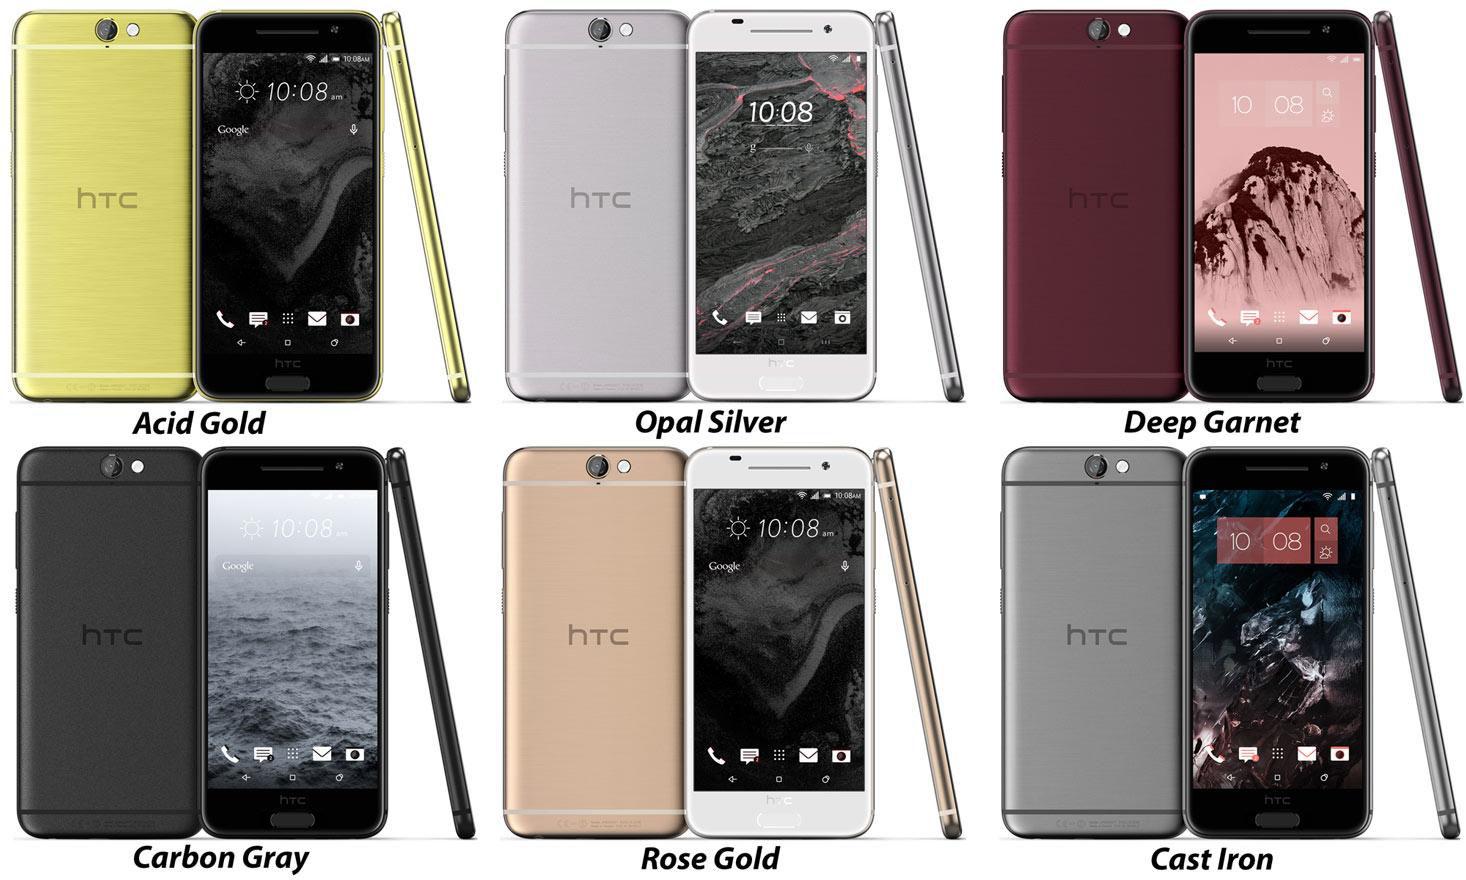 HTC A9 Aero